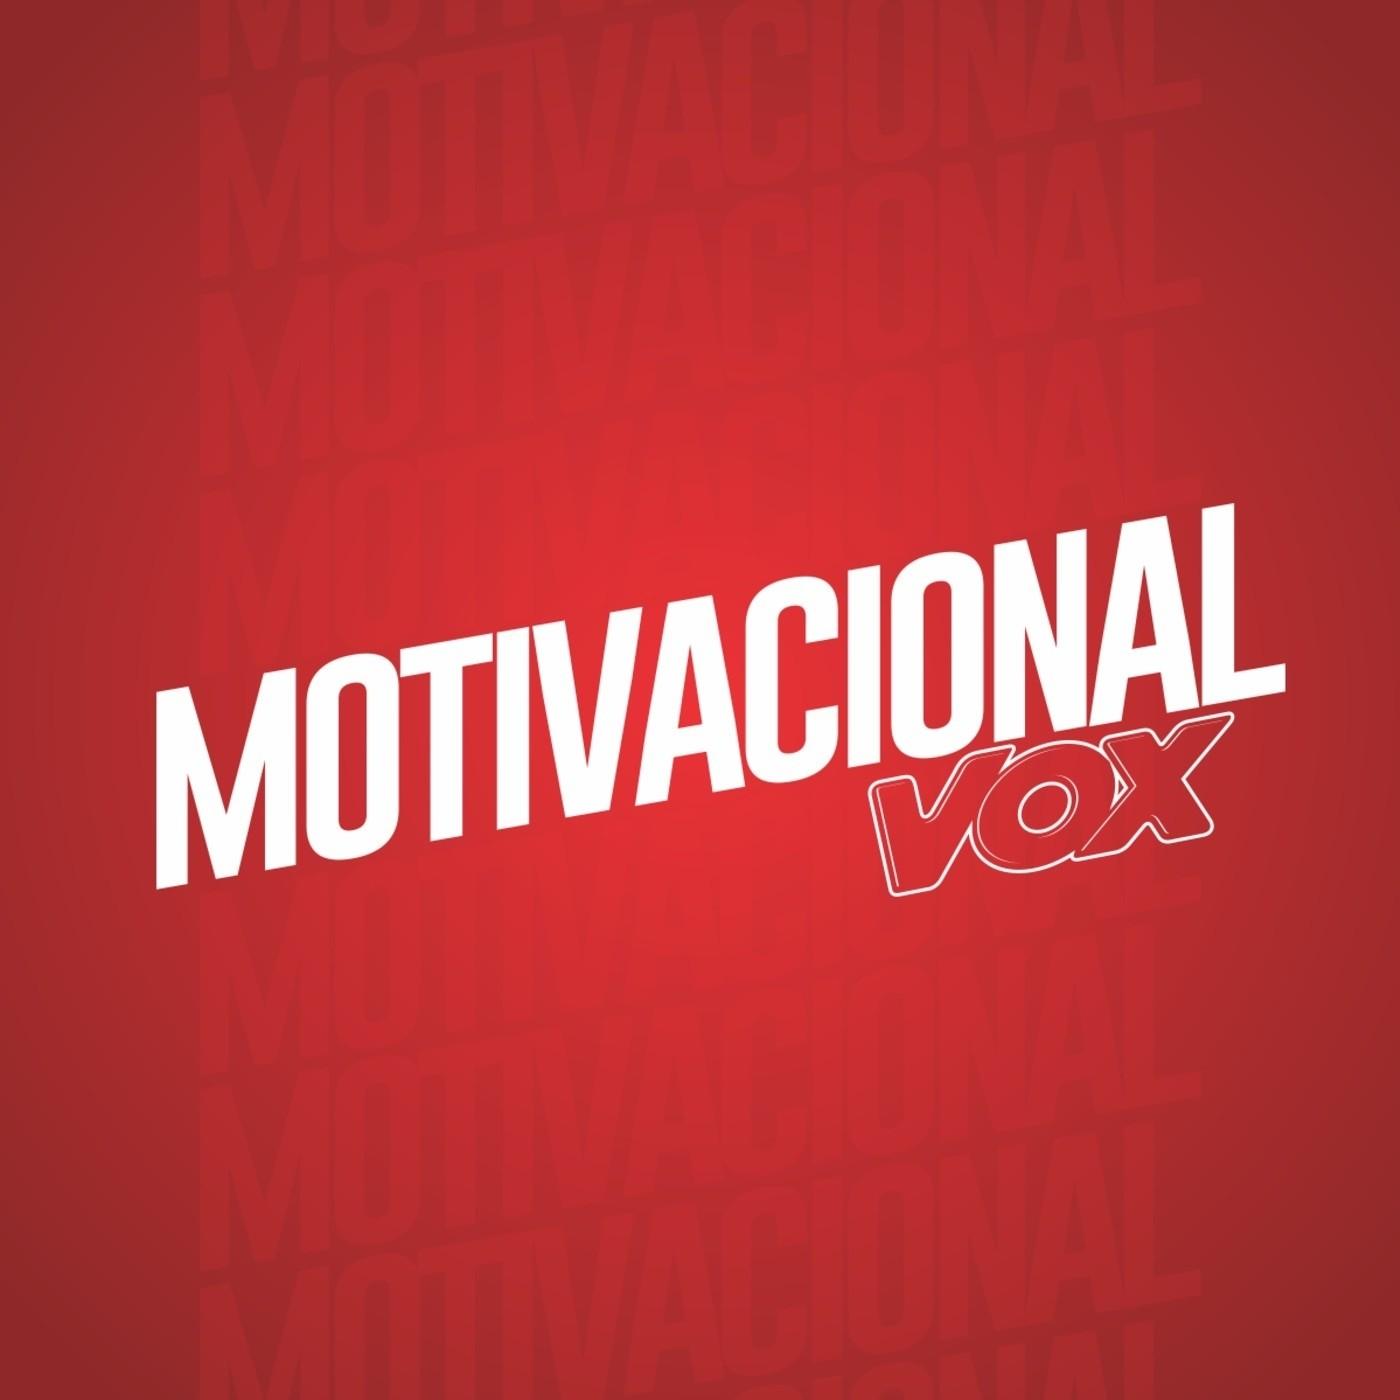 MOTIVACIONAL VOX